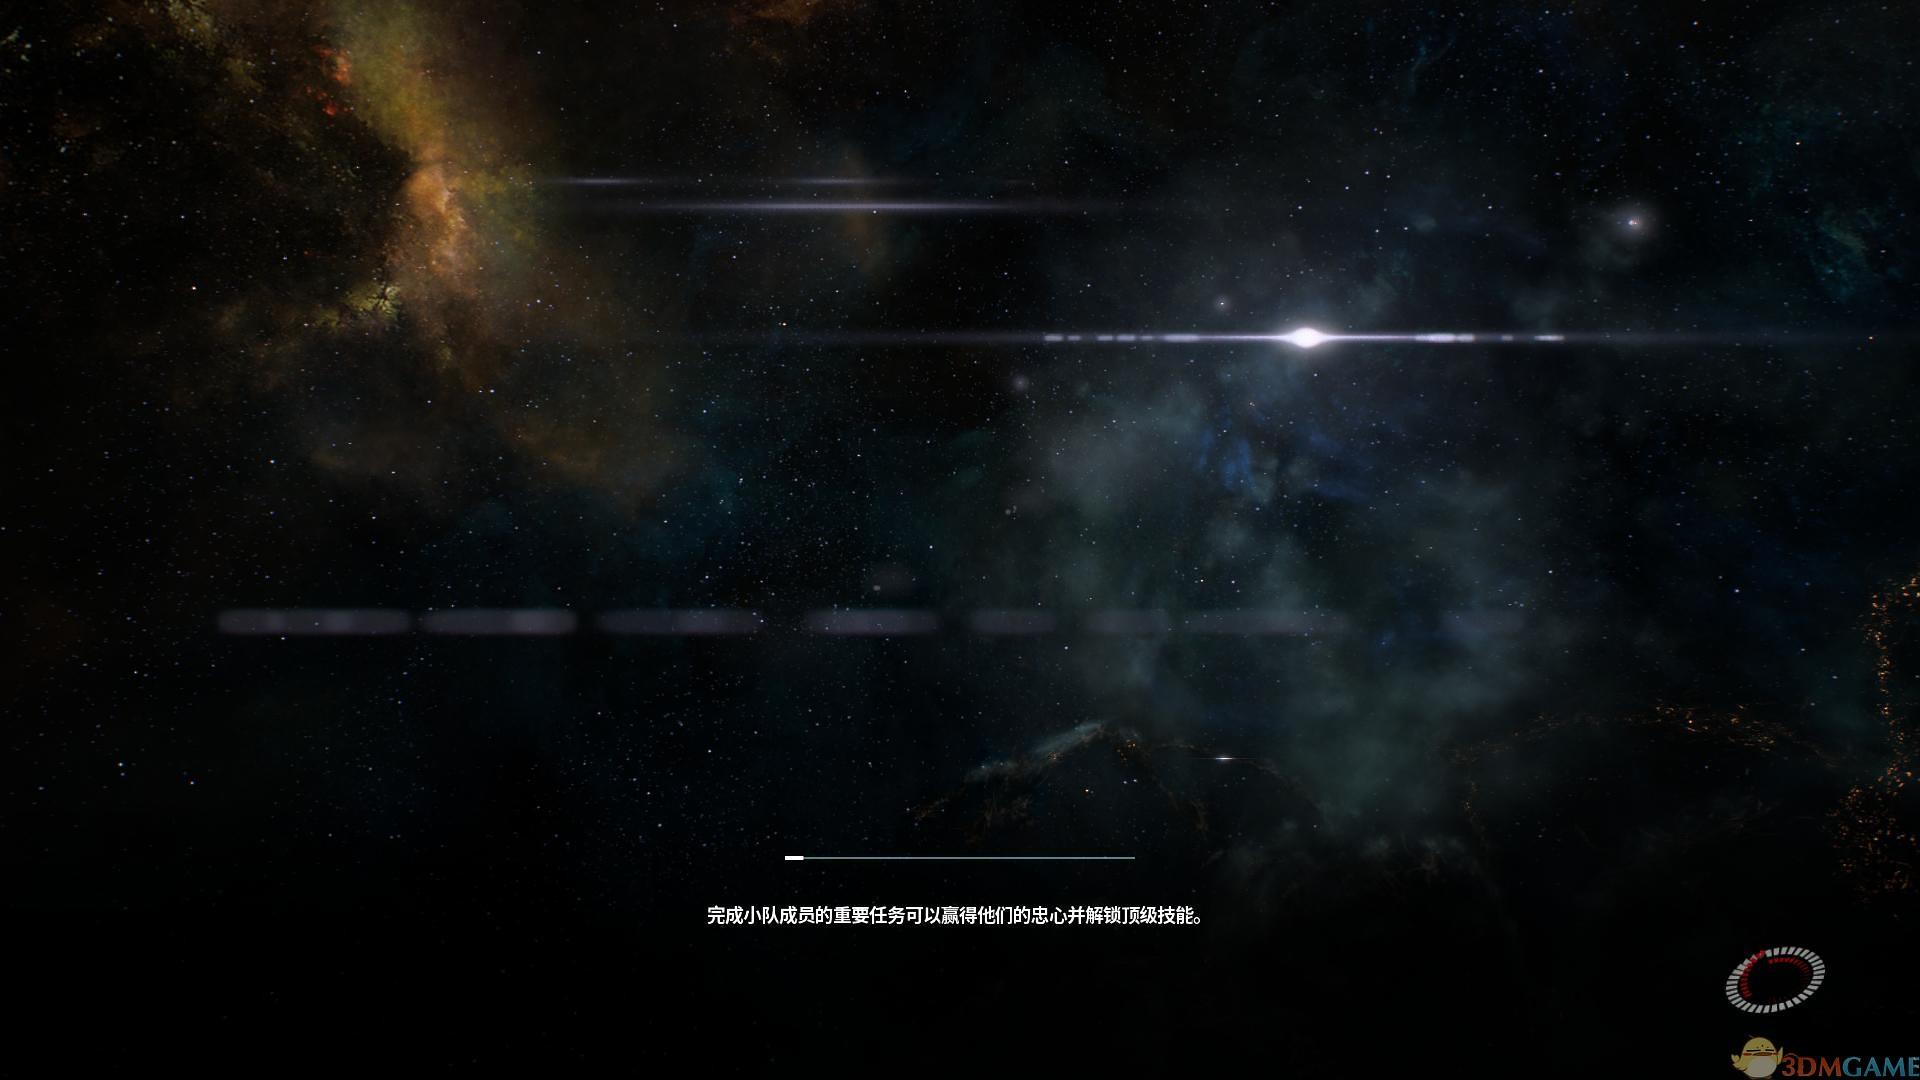 质量效应:仙女座 v1.04升级档+未加密补丁[CPY]